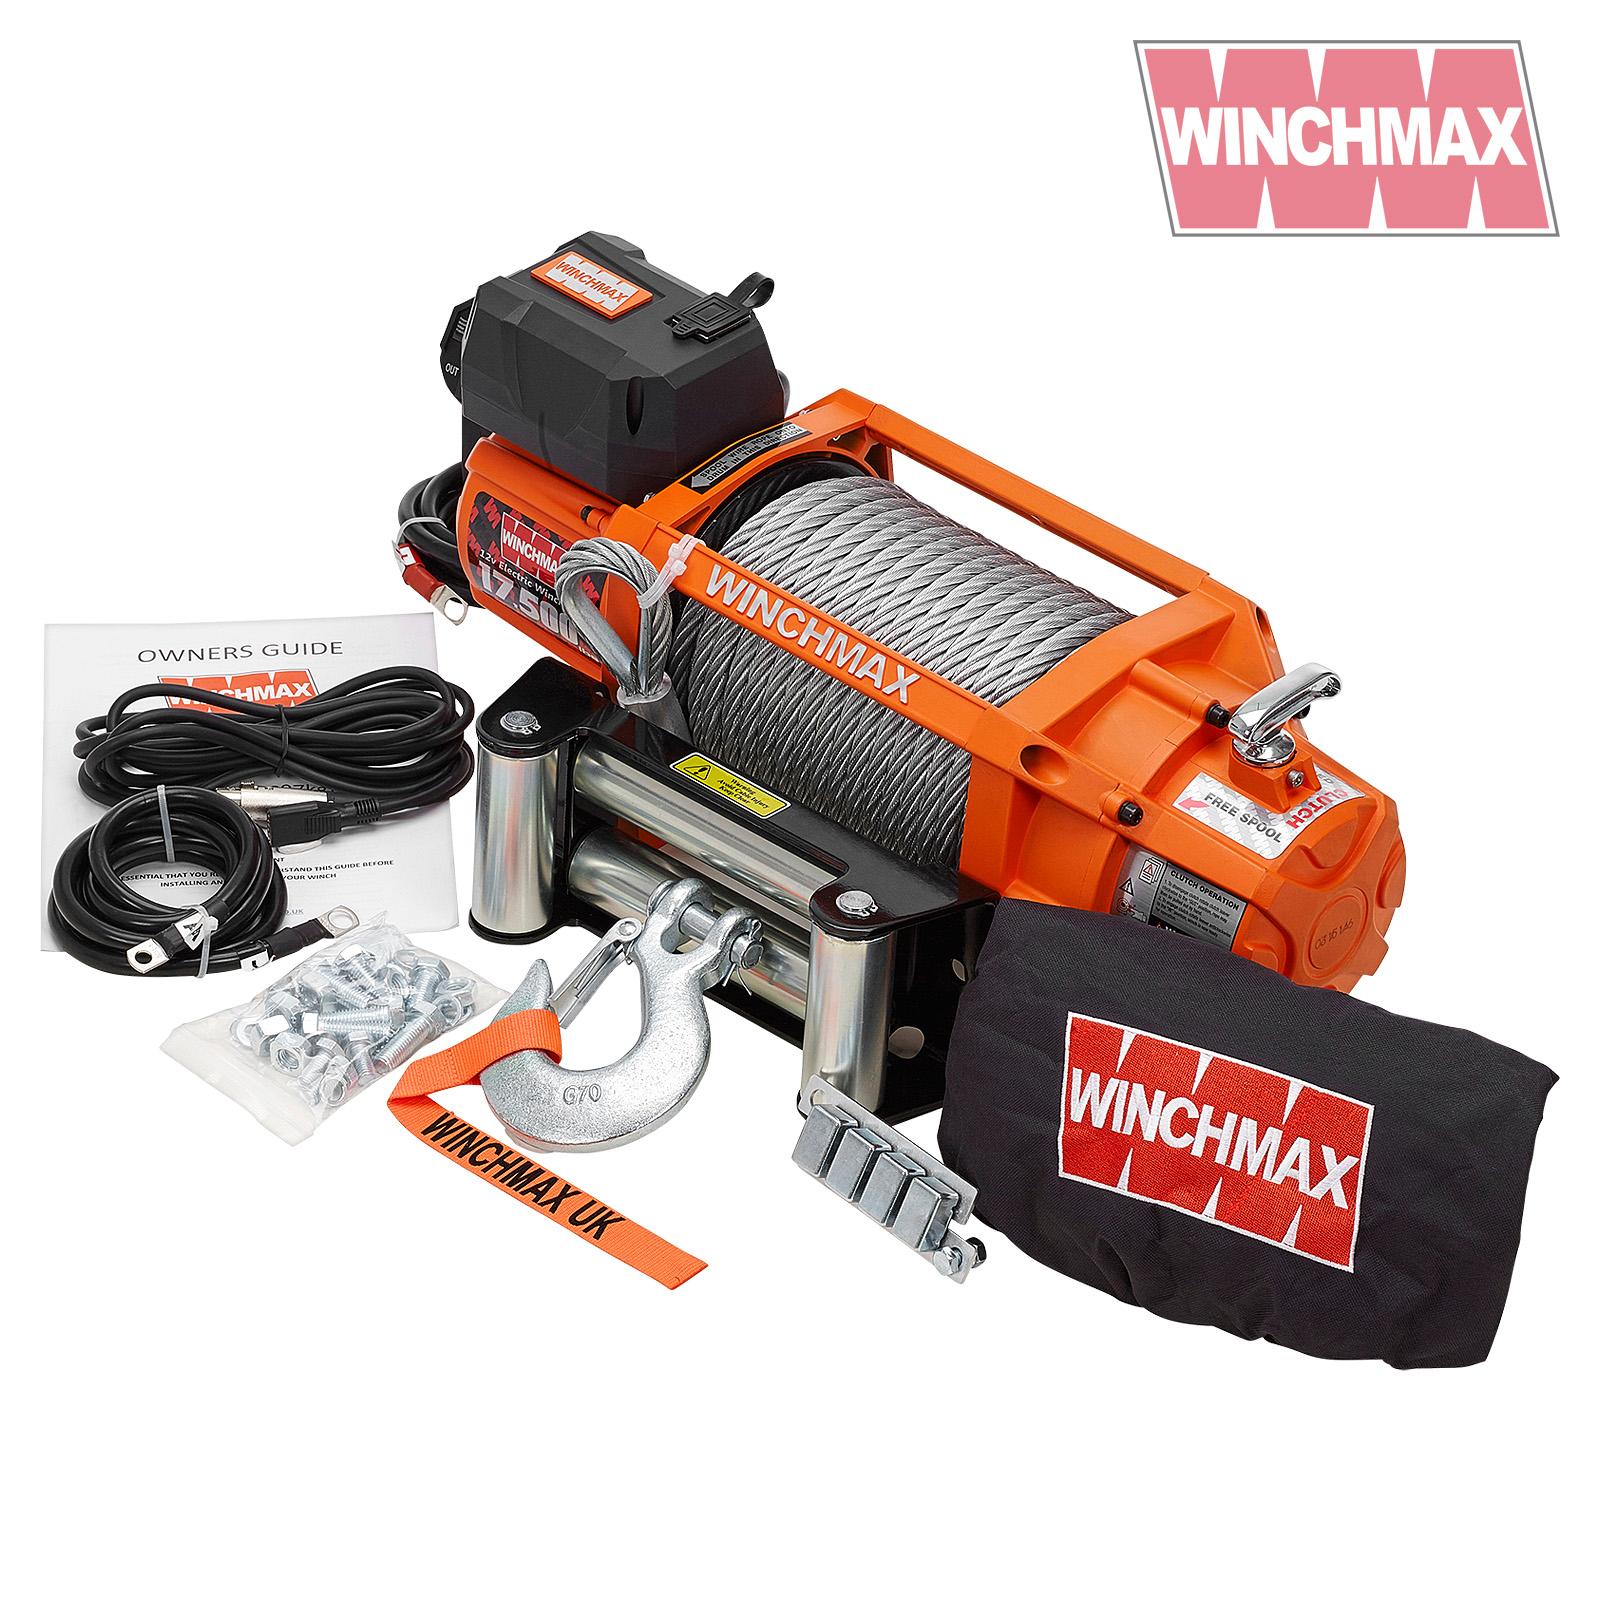 Wmsl1750012v winchmax6.15198949 white 03